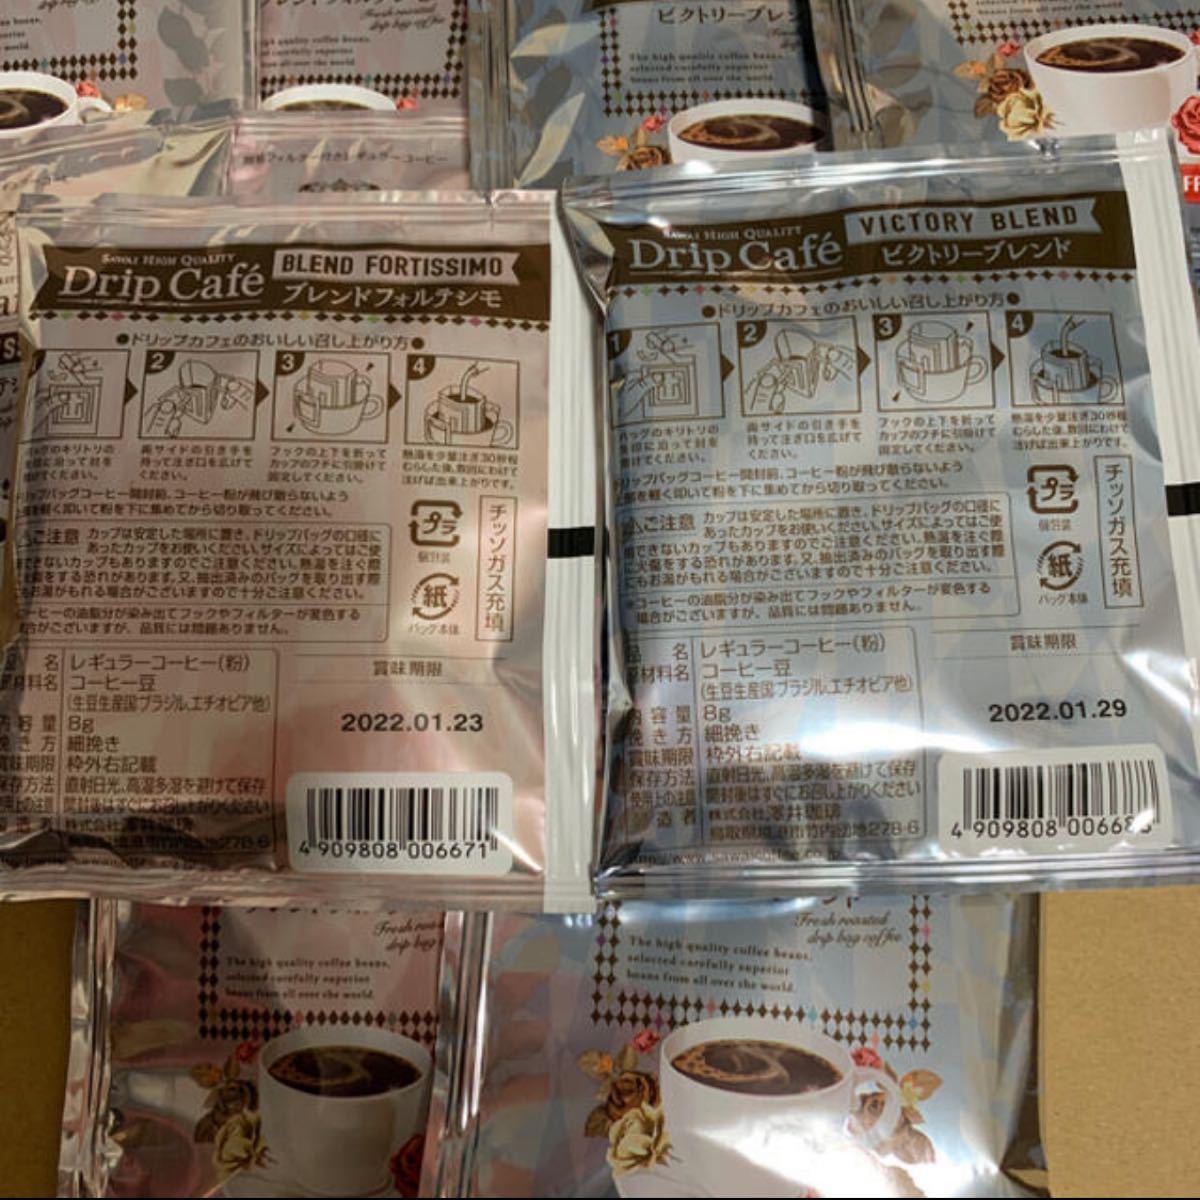 澤井珈琲 20杯分 ドリップコーヒー 2種類